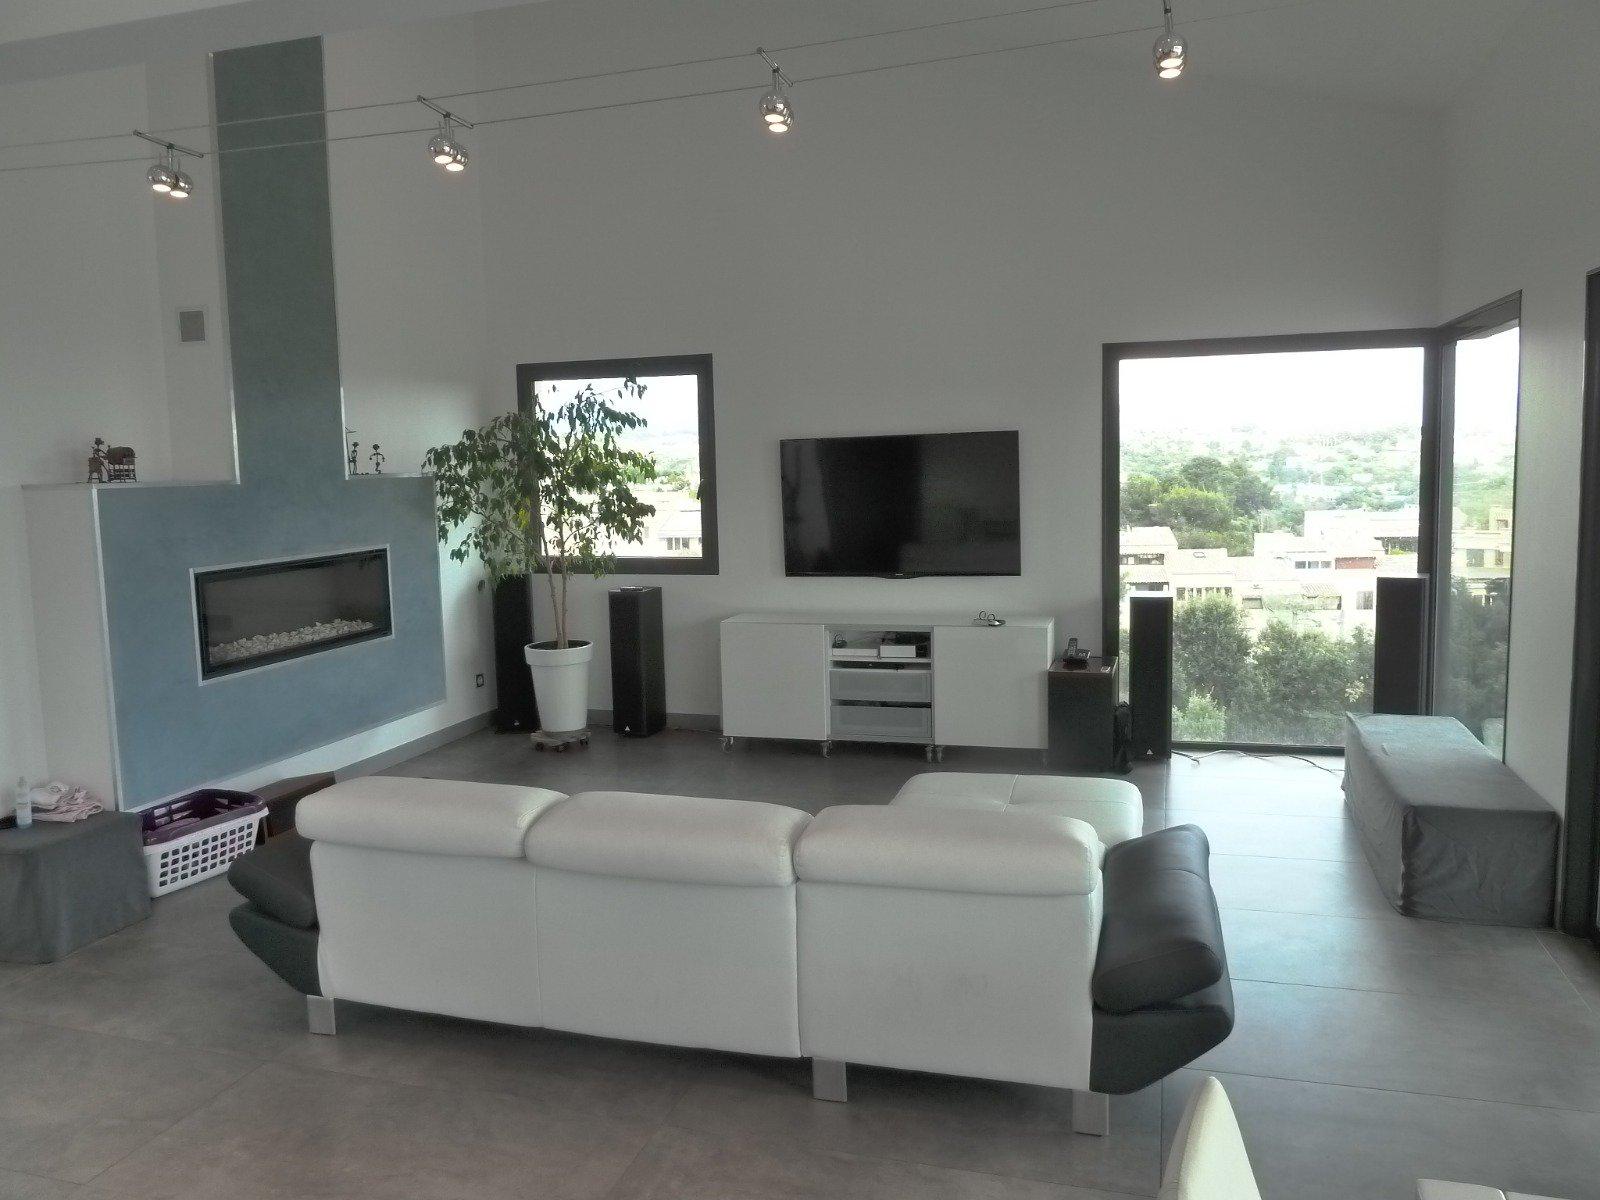 Sulla Costa Azzurra Villa terrazza Appartamento sul tetto con giardino e piscina privata, ascensore privato, vista